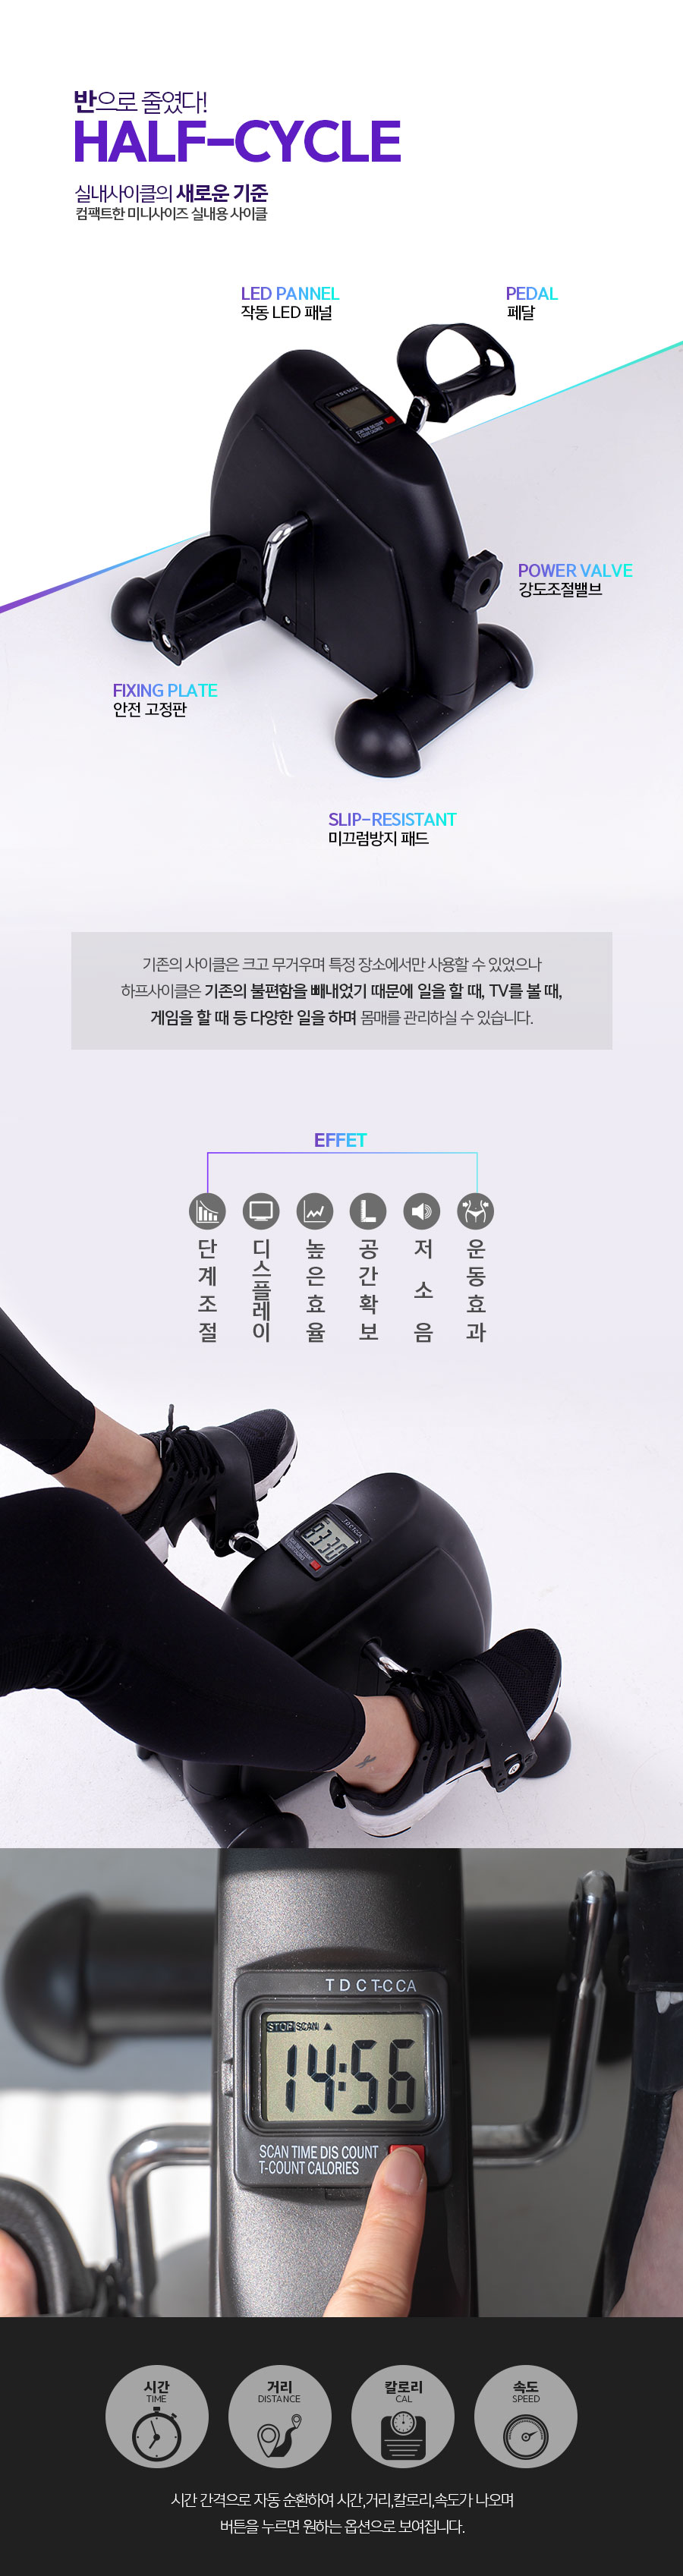 Half cycle 실내사이클 - 바나나빌딩, 49,900원, 운동기구/소품, 운동기구